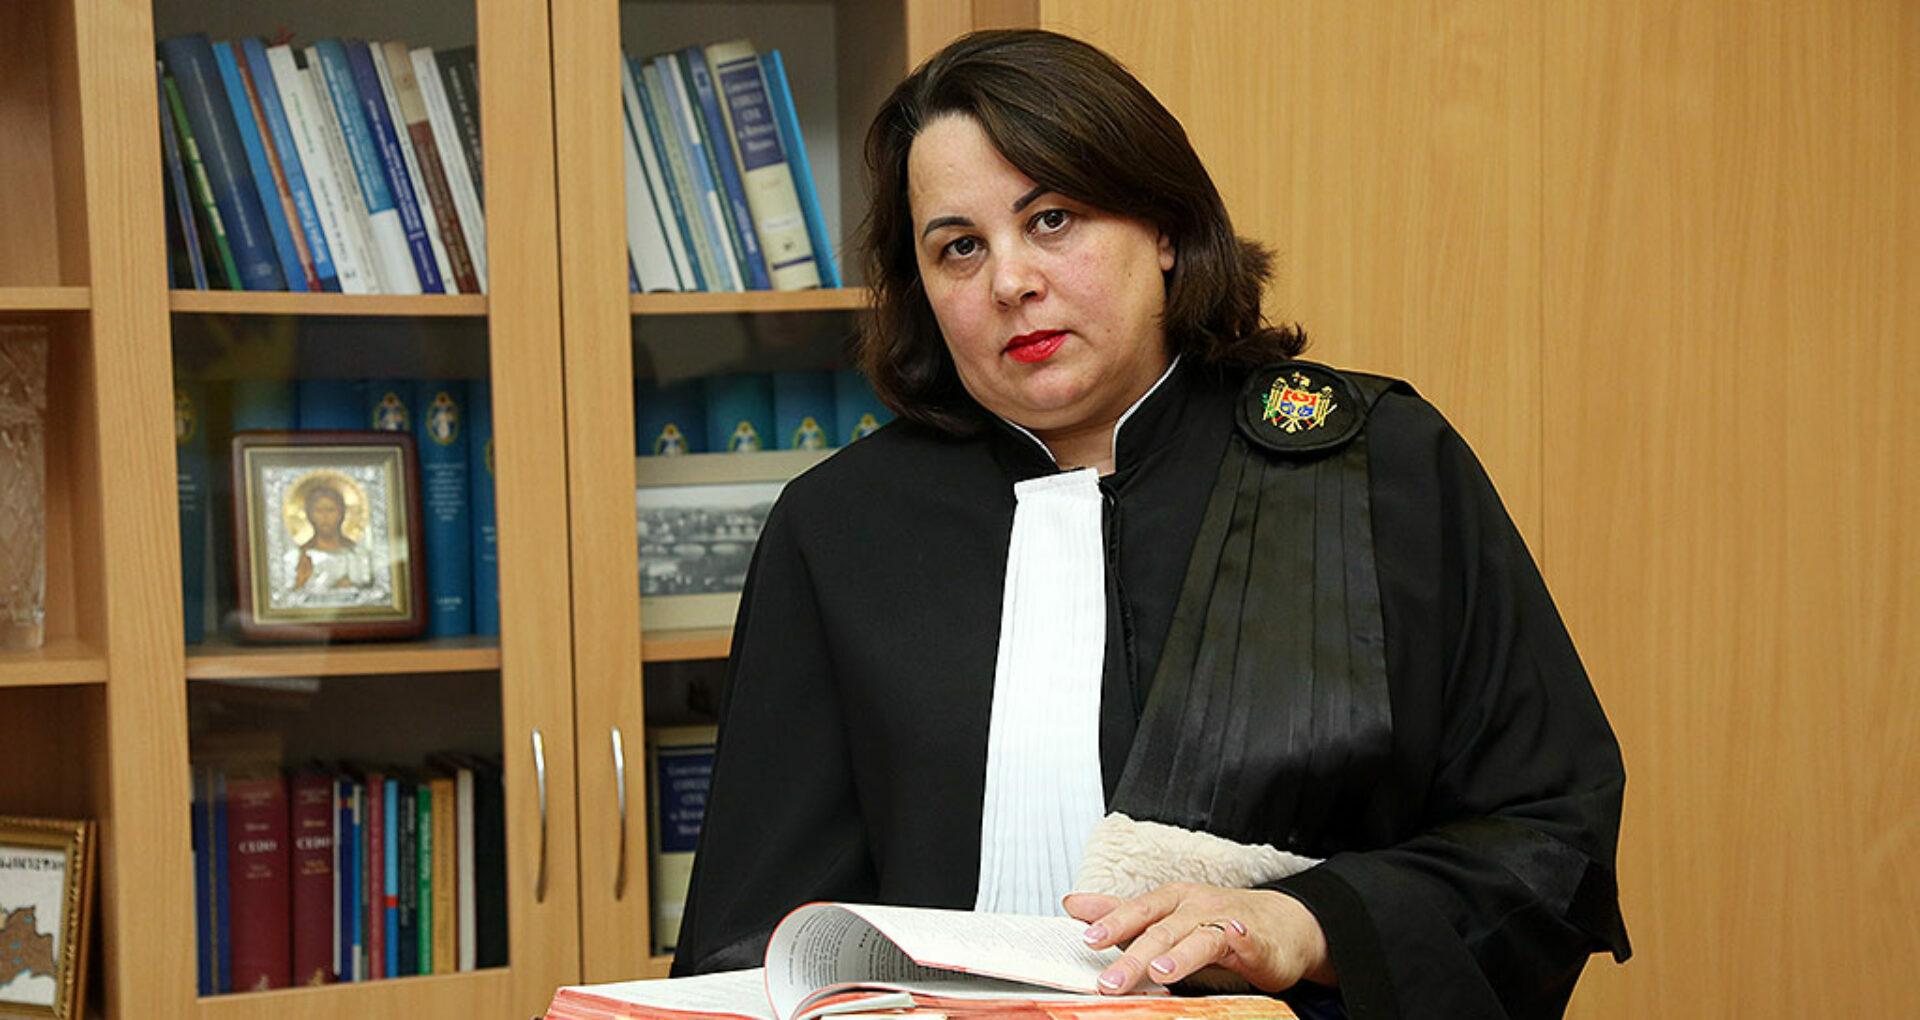 Socialiștii nu vor ca Viorica Puică să fie numită judecător la CSJ: membrii PSRM din Comisia juridică, numiri și imunități au votat împotrivă